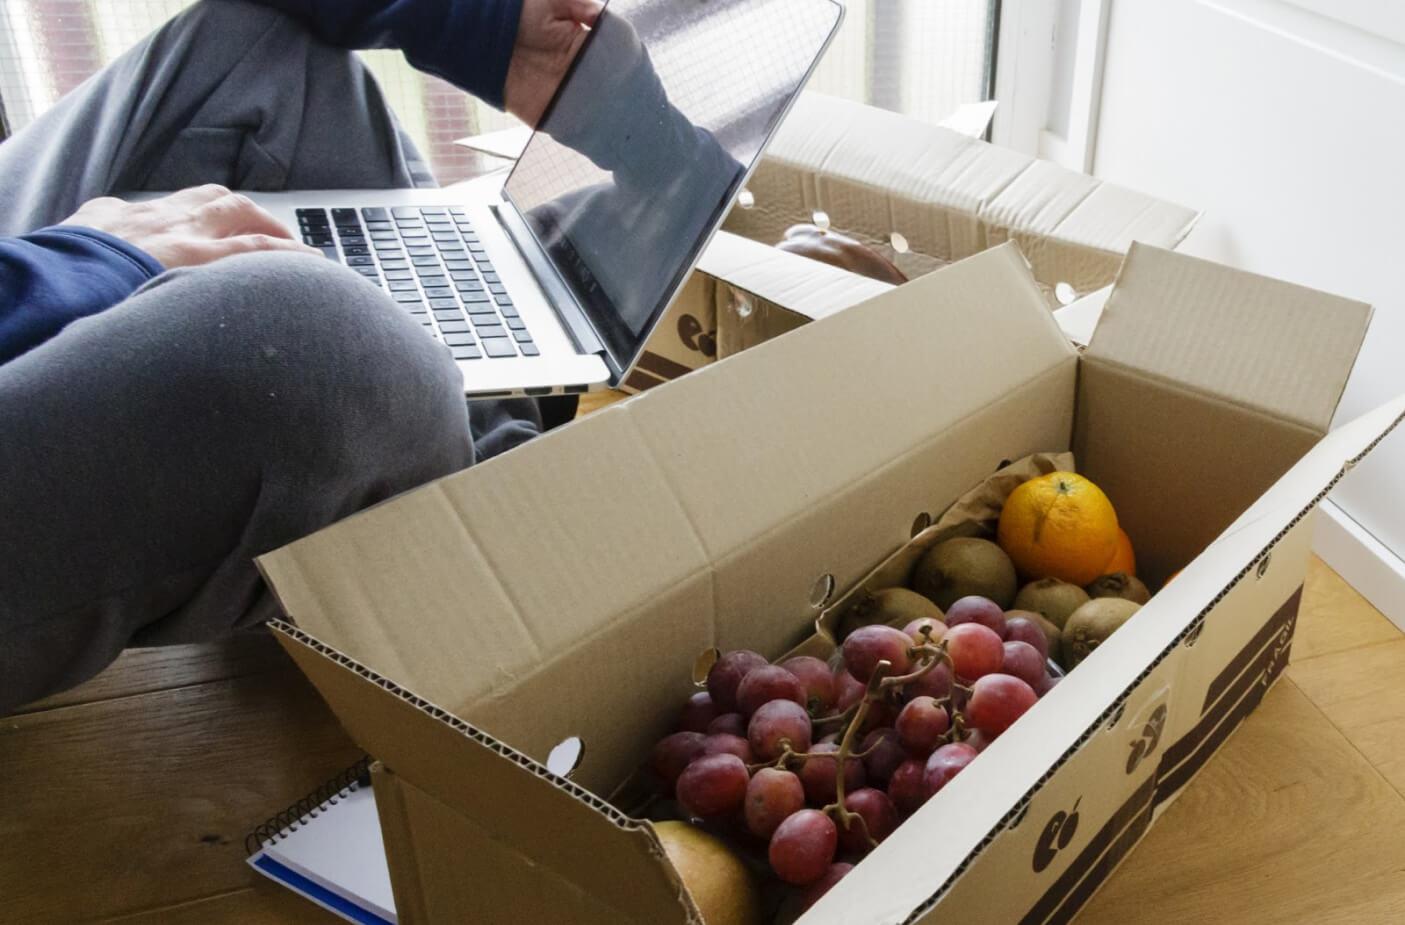 Frutas y hortalizas online: la opción del futuro